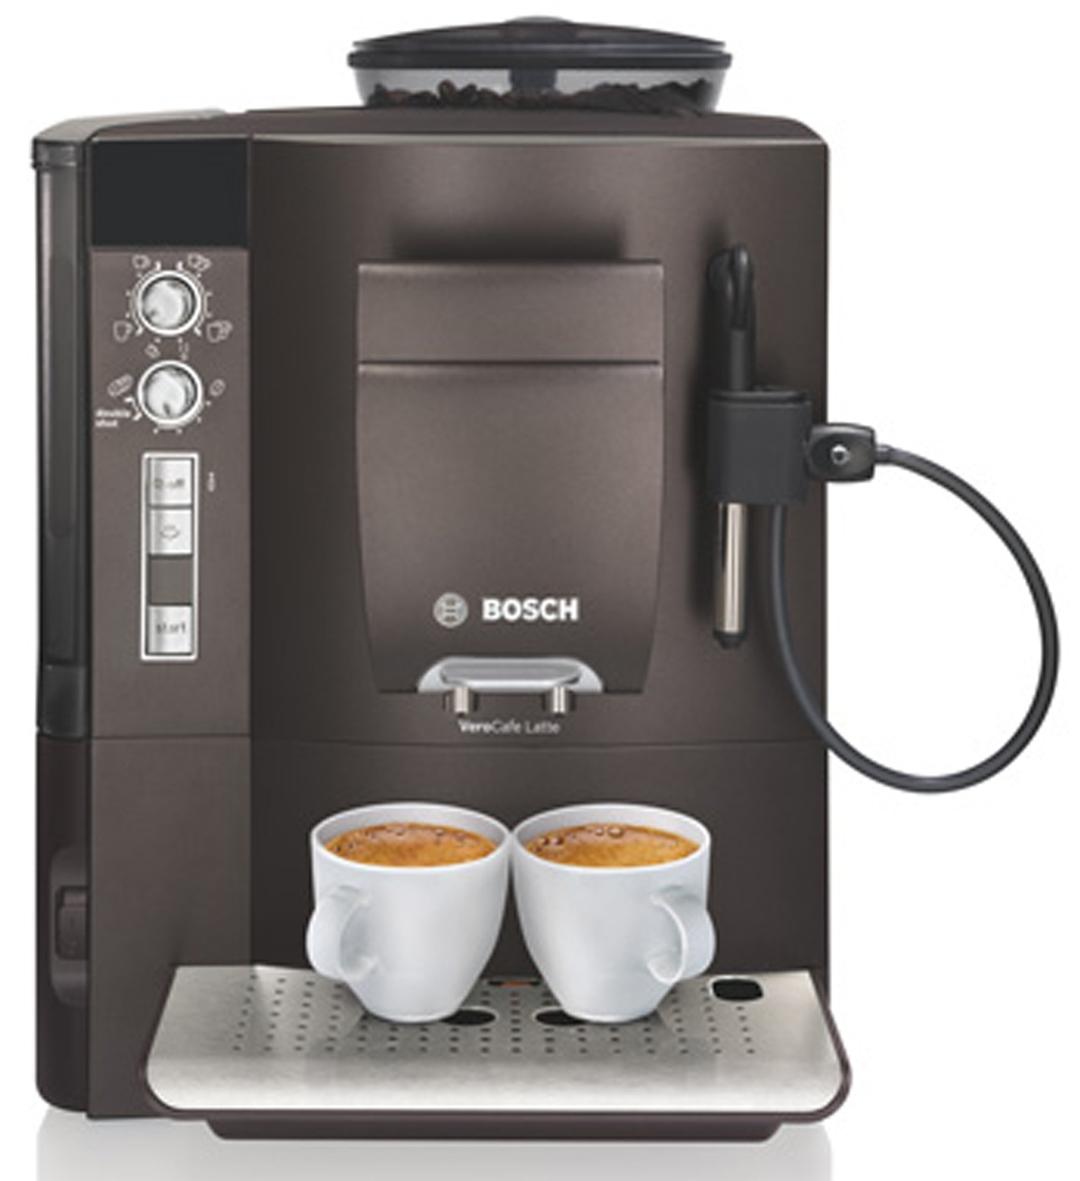 bosch verocafe dunkelbraun kaffeevollautomat bosch. Black Bedroom Furniture Sets. Home Design Ideas